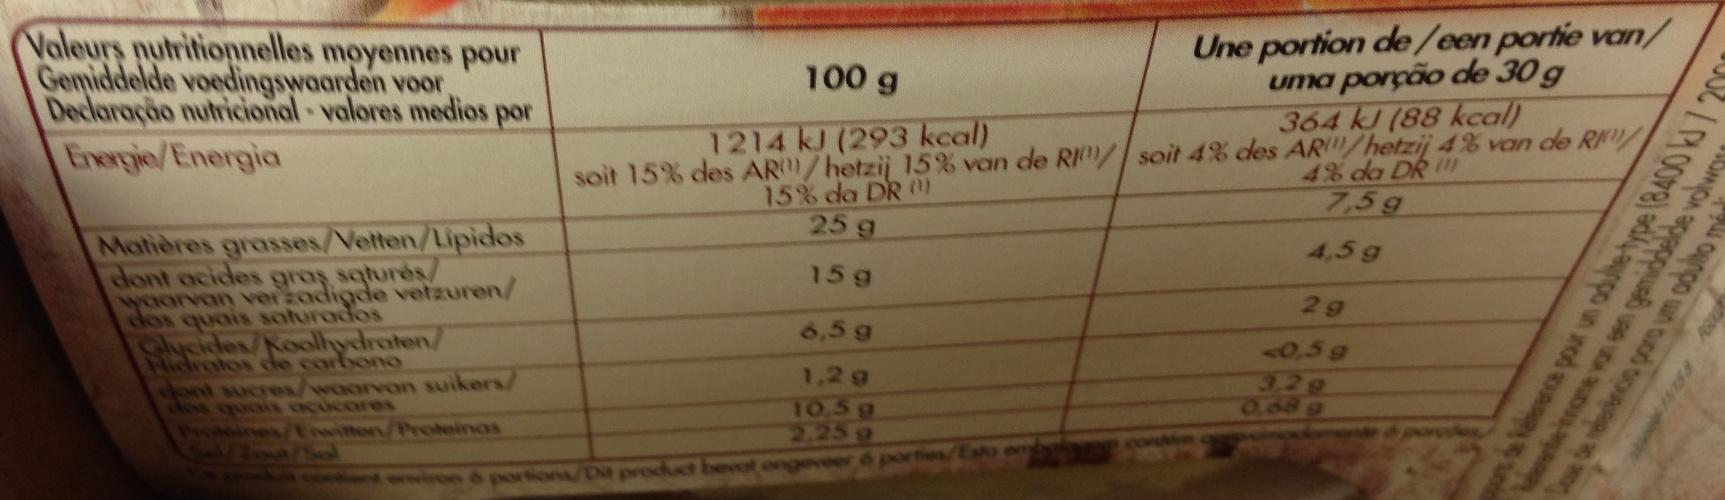 Spécialité aux noix - Nutrition facts - fr